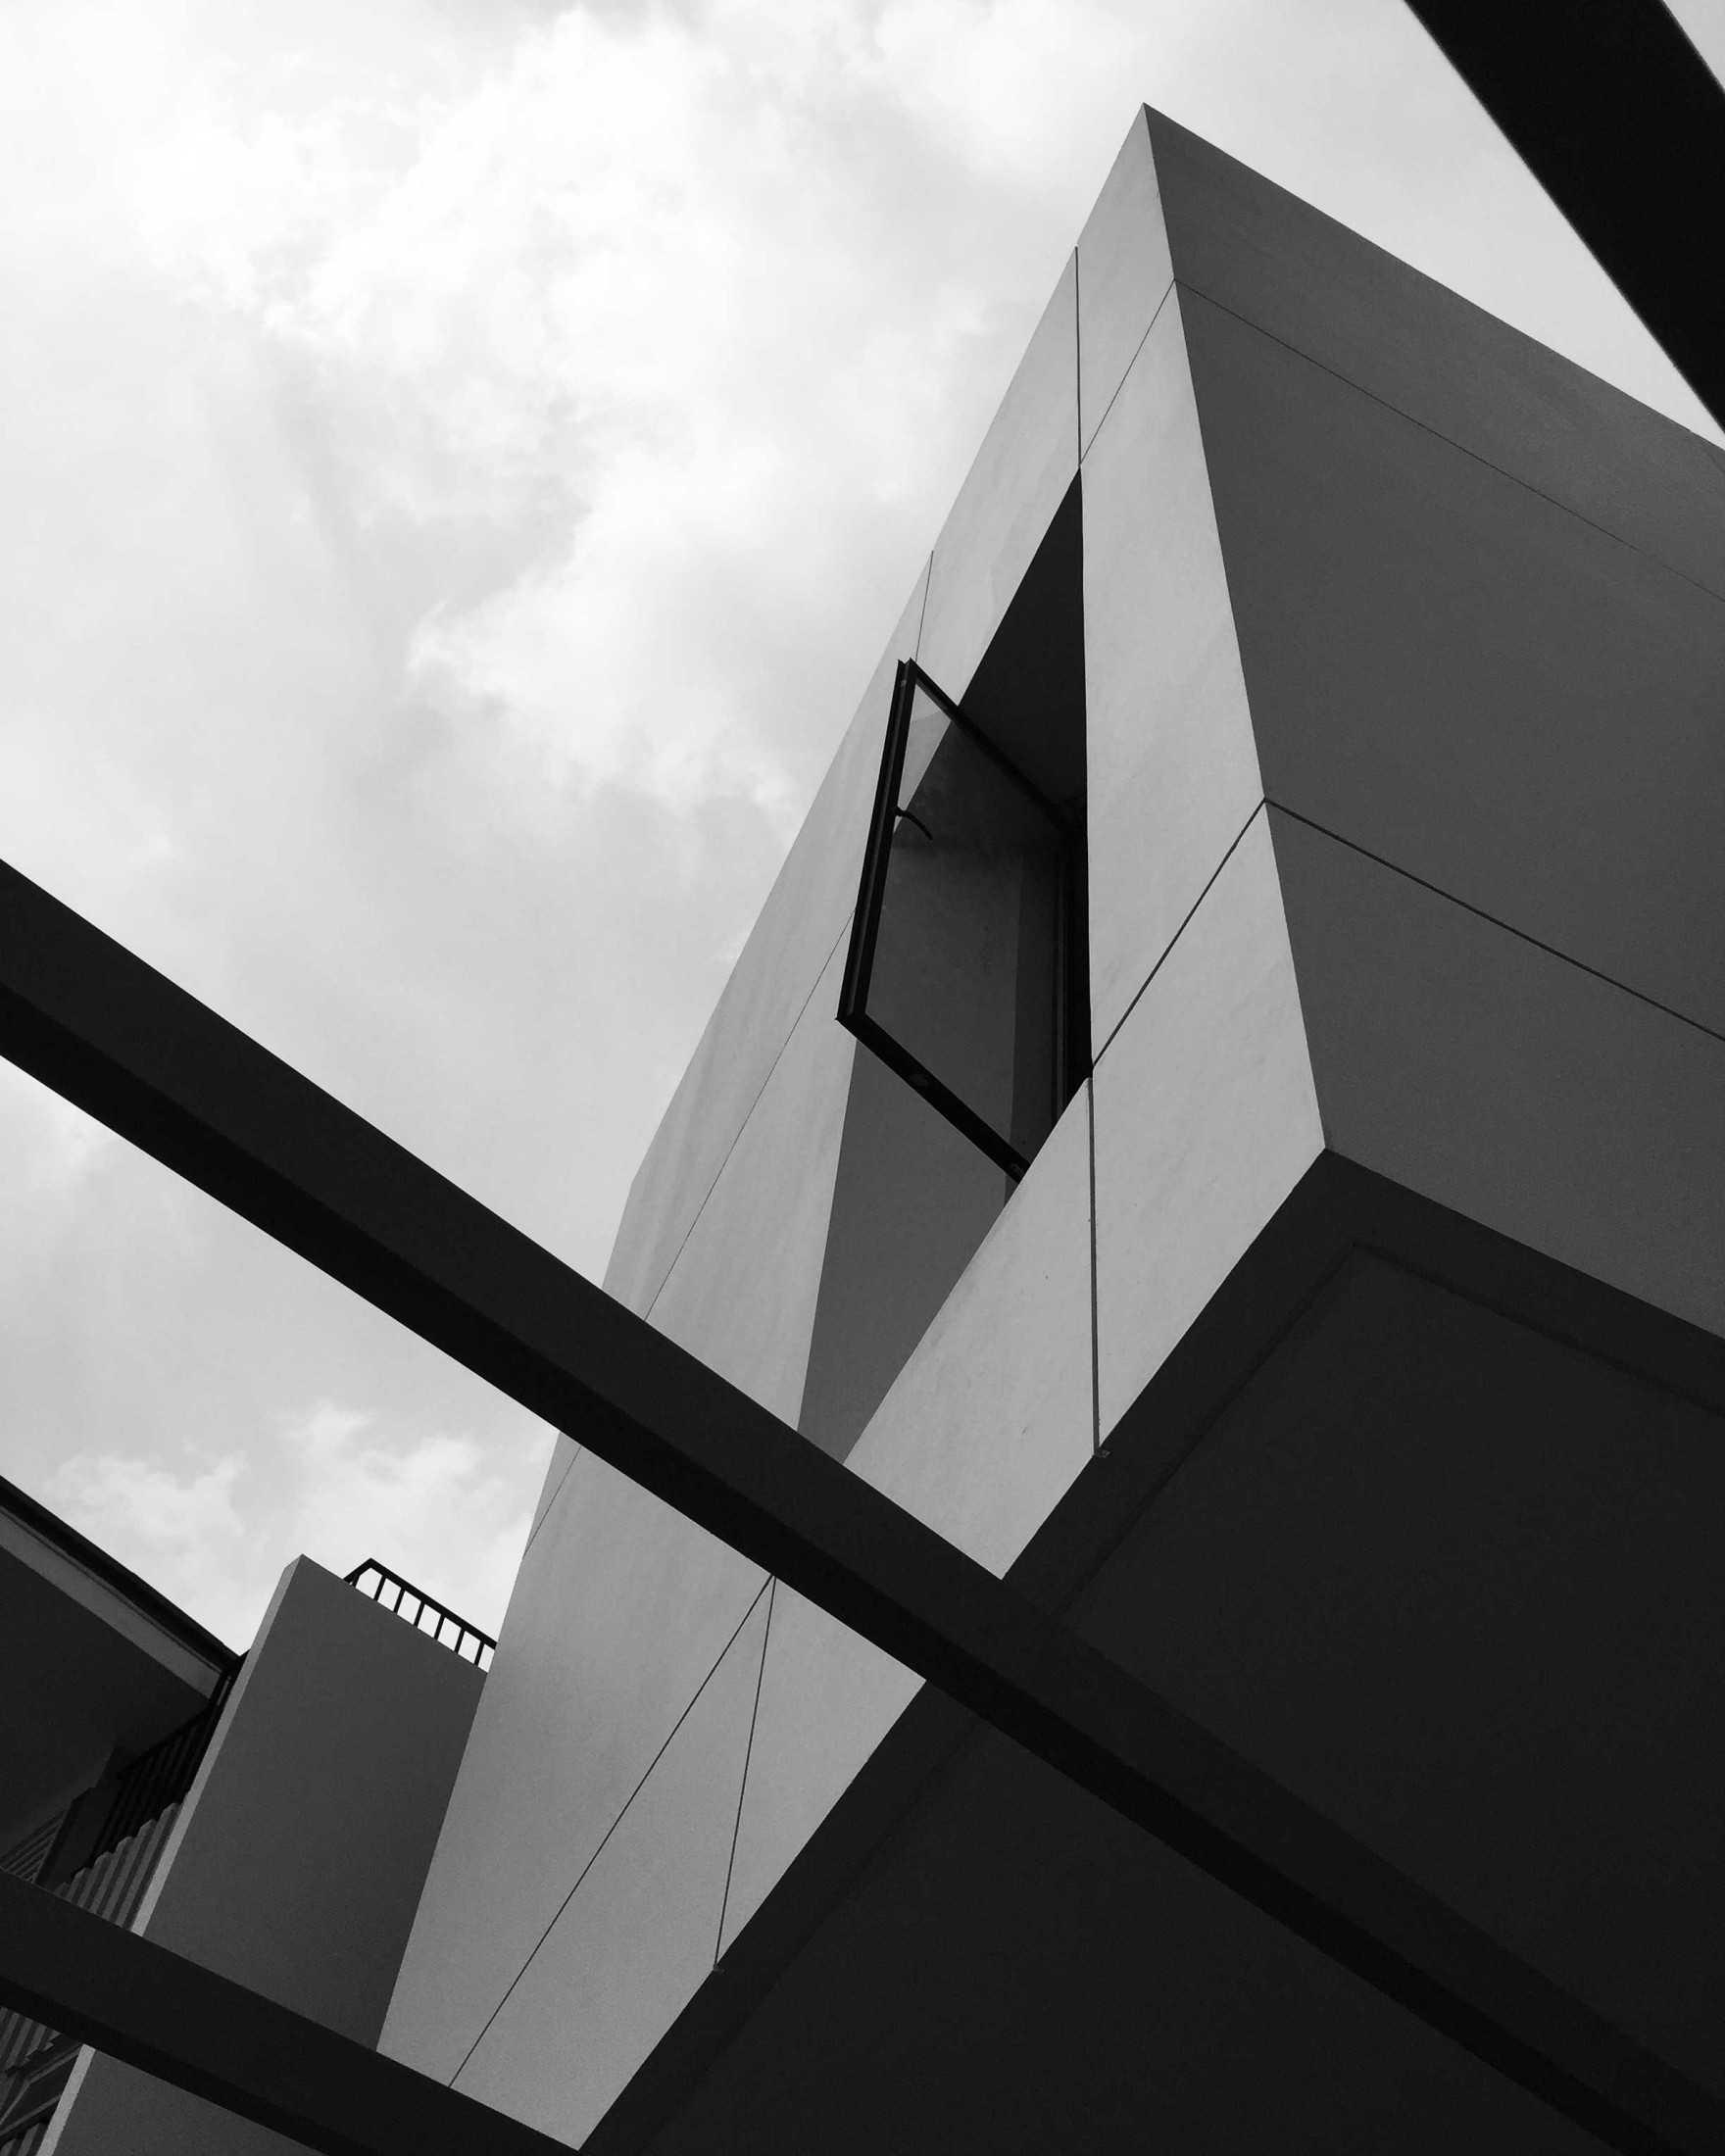 Design N Aesthetics Studio Rmd House Klp. Indah, Kec. Tangerang, Kota Tangerang, Banten, Indonesia Klp. Indah, Kec. Tangerang, Kota Tangerang, Banten, Indonesia Design-N-Aesthetics-Studio-Rmd-House  66215